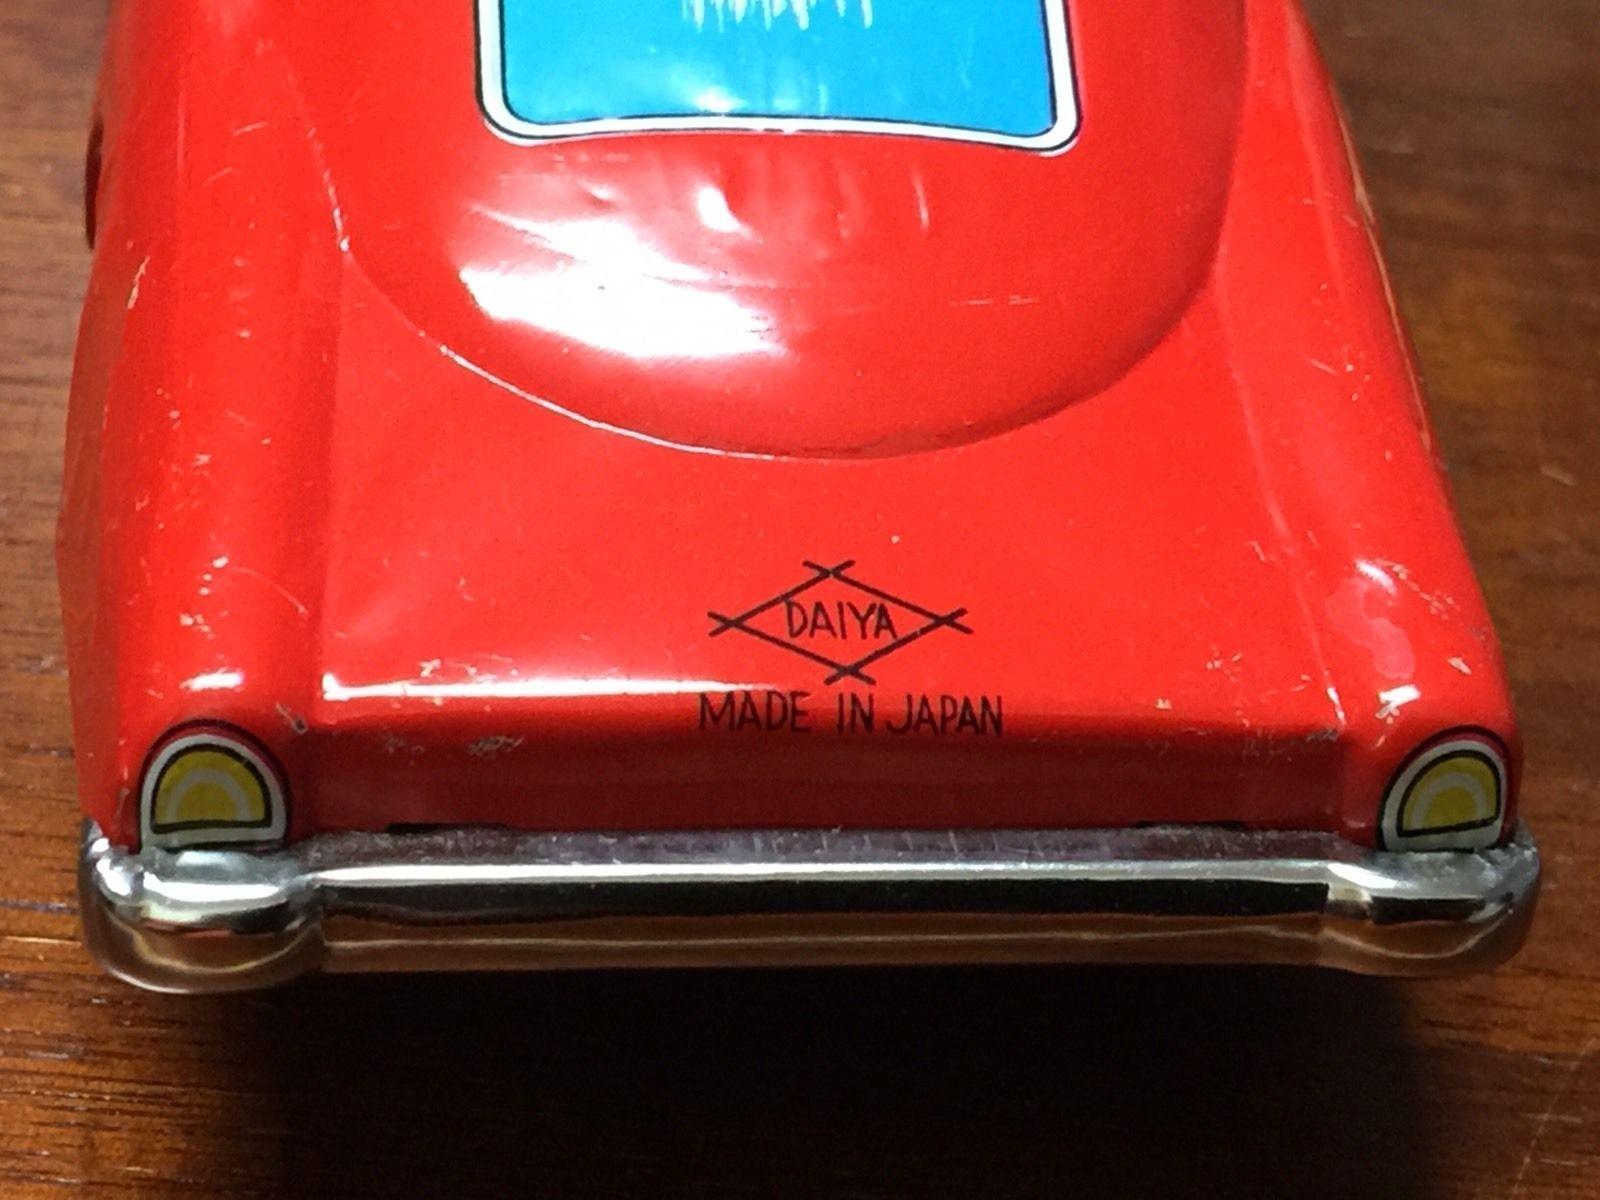 Daiya Japan Vintage Tinplate Toy Car | eBay | Tinplate toy ...